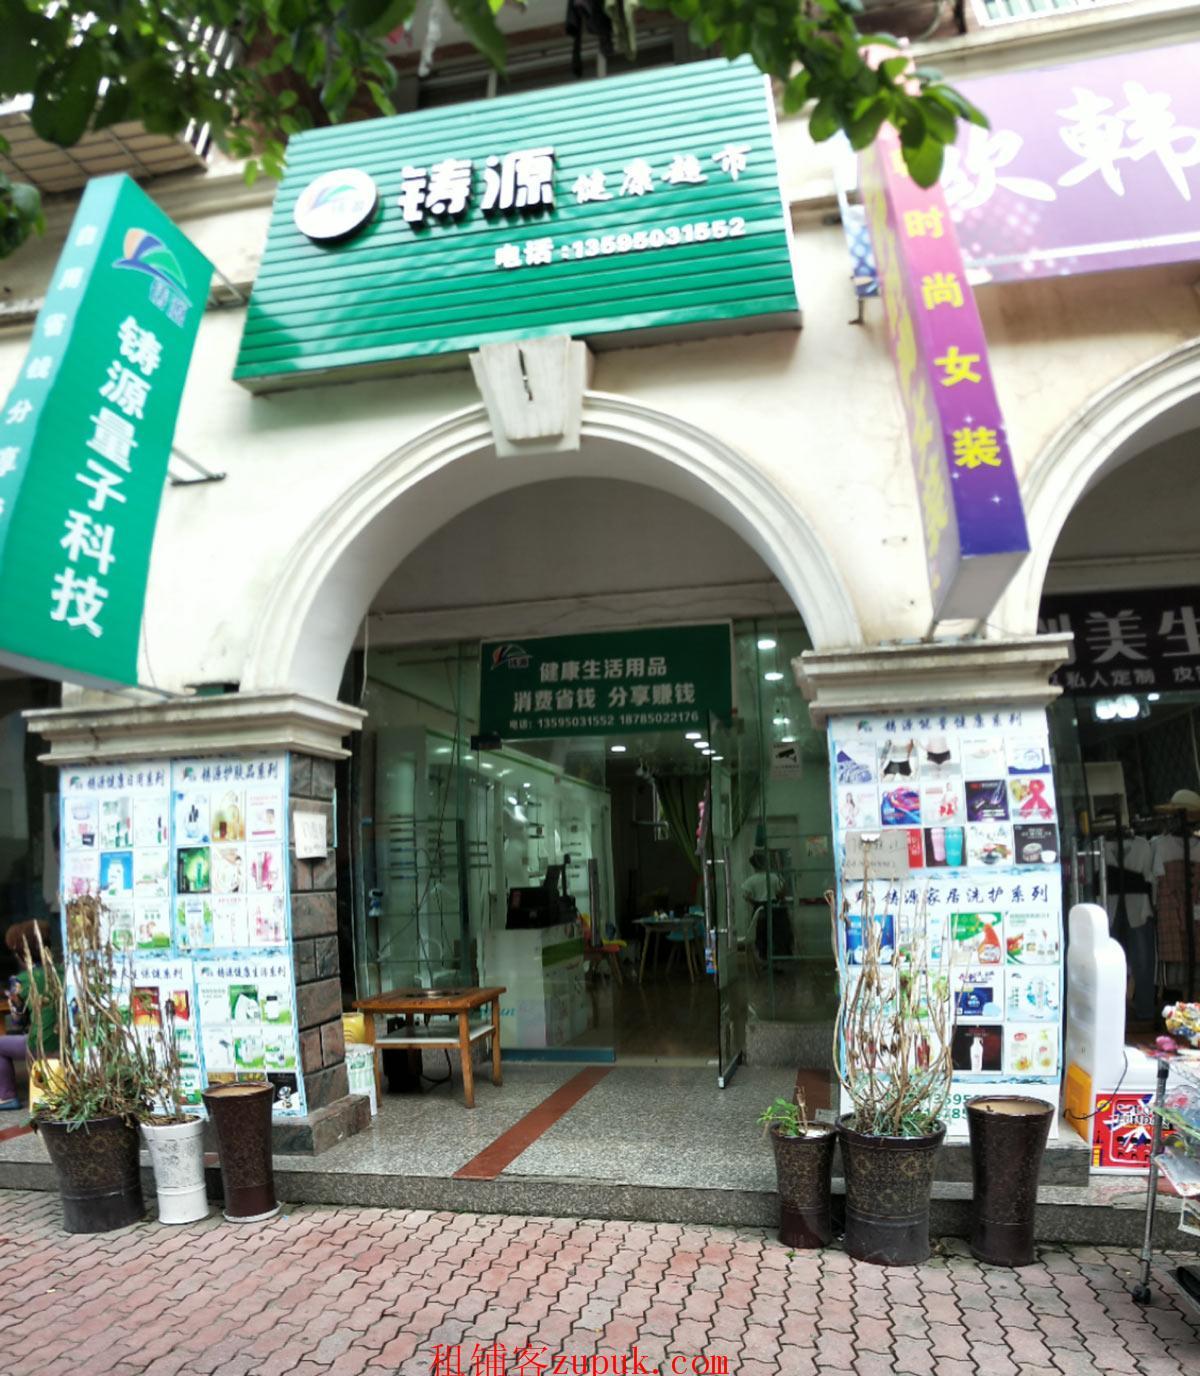 和尚坡广信四季家园门面转让业态不限